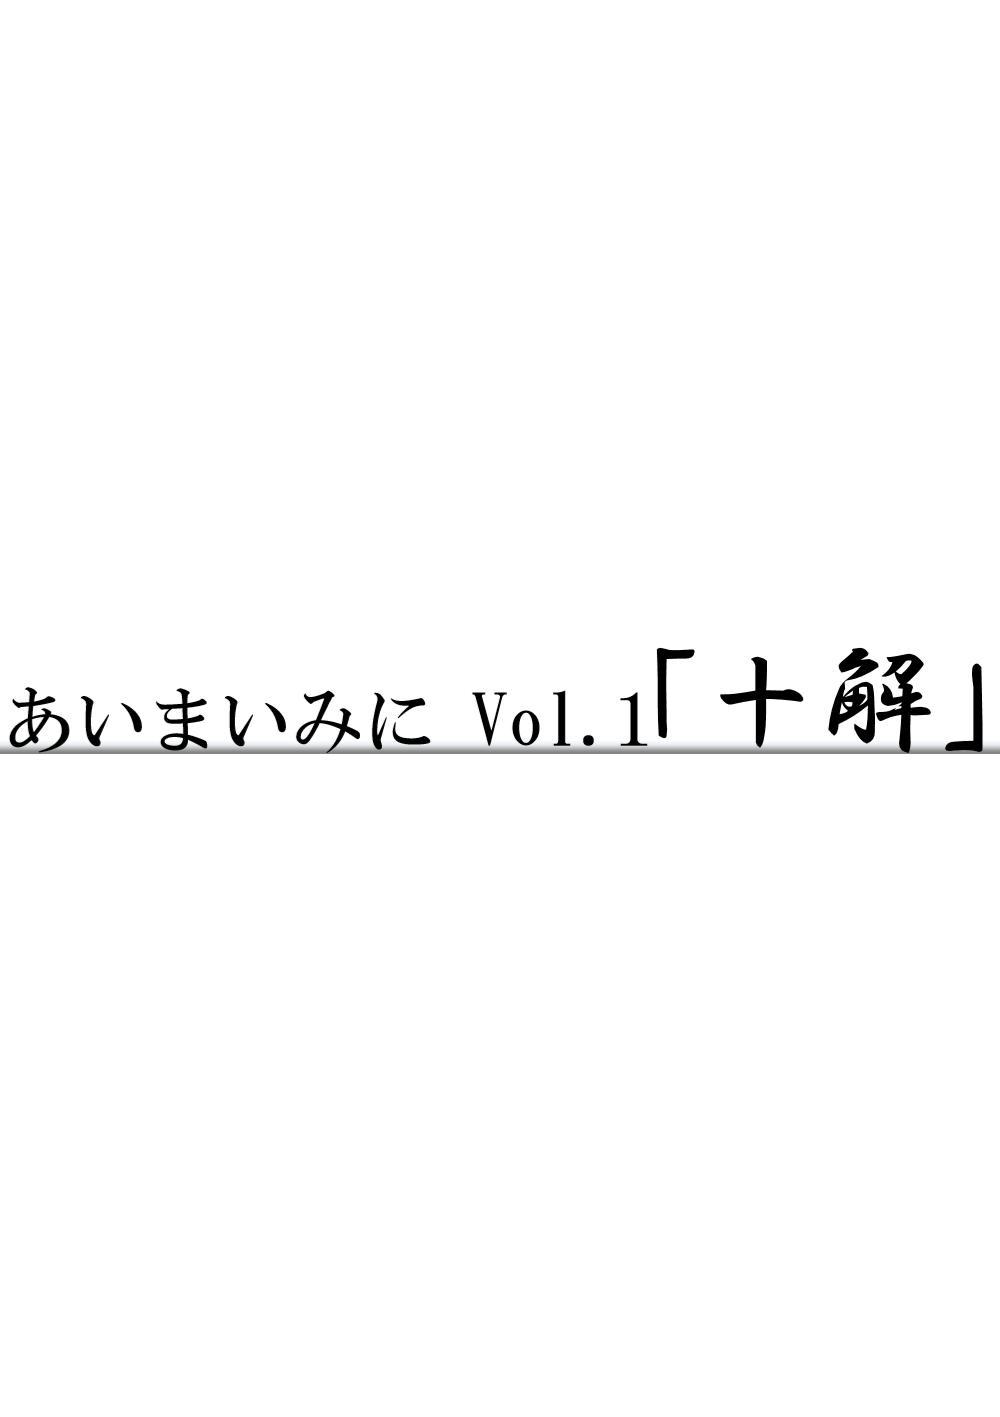 XEOXY            あいまいみに Vol.01「十解」